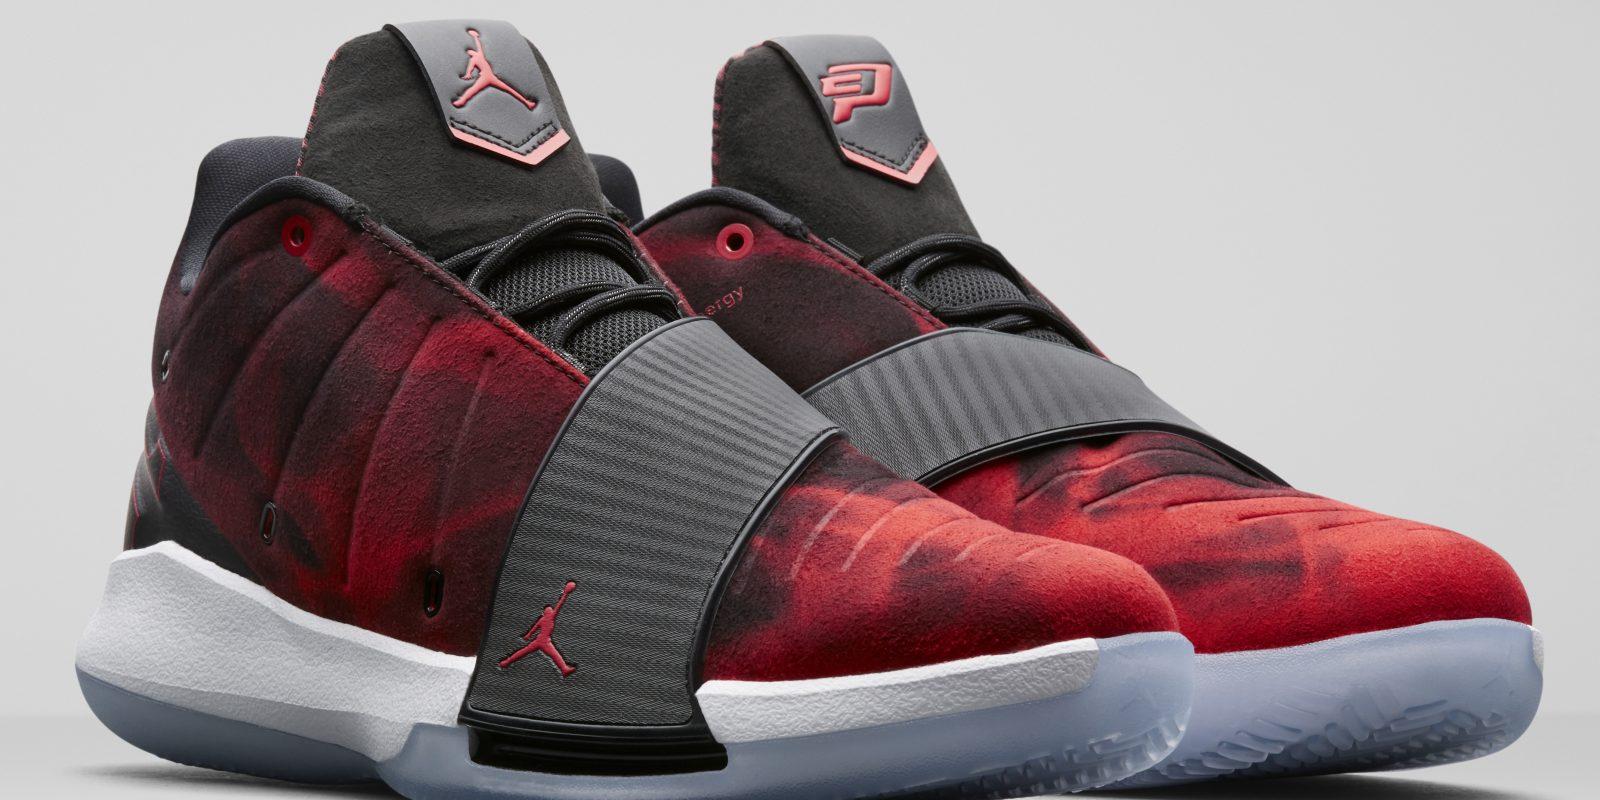 Chris Paul Shoes